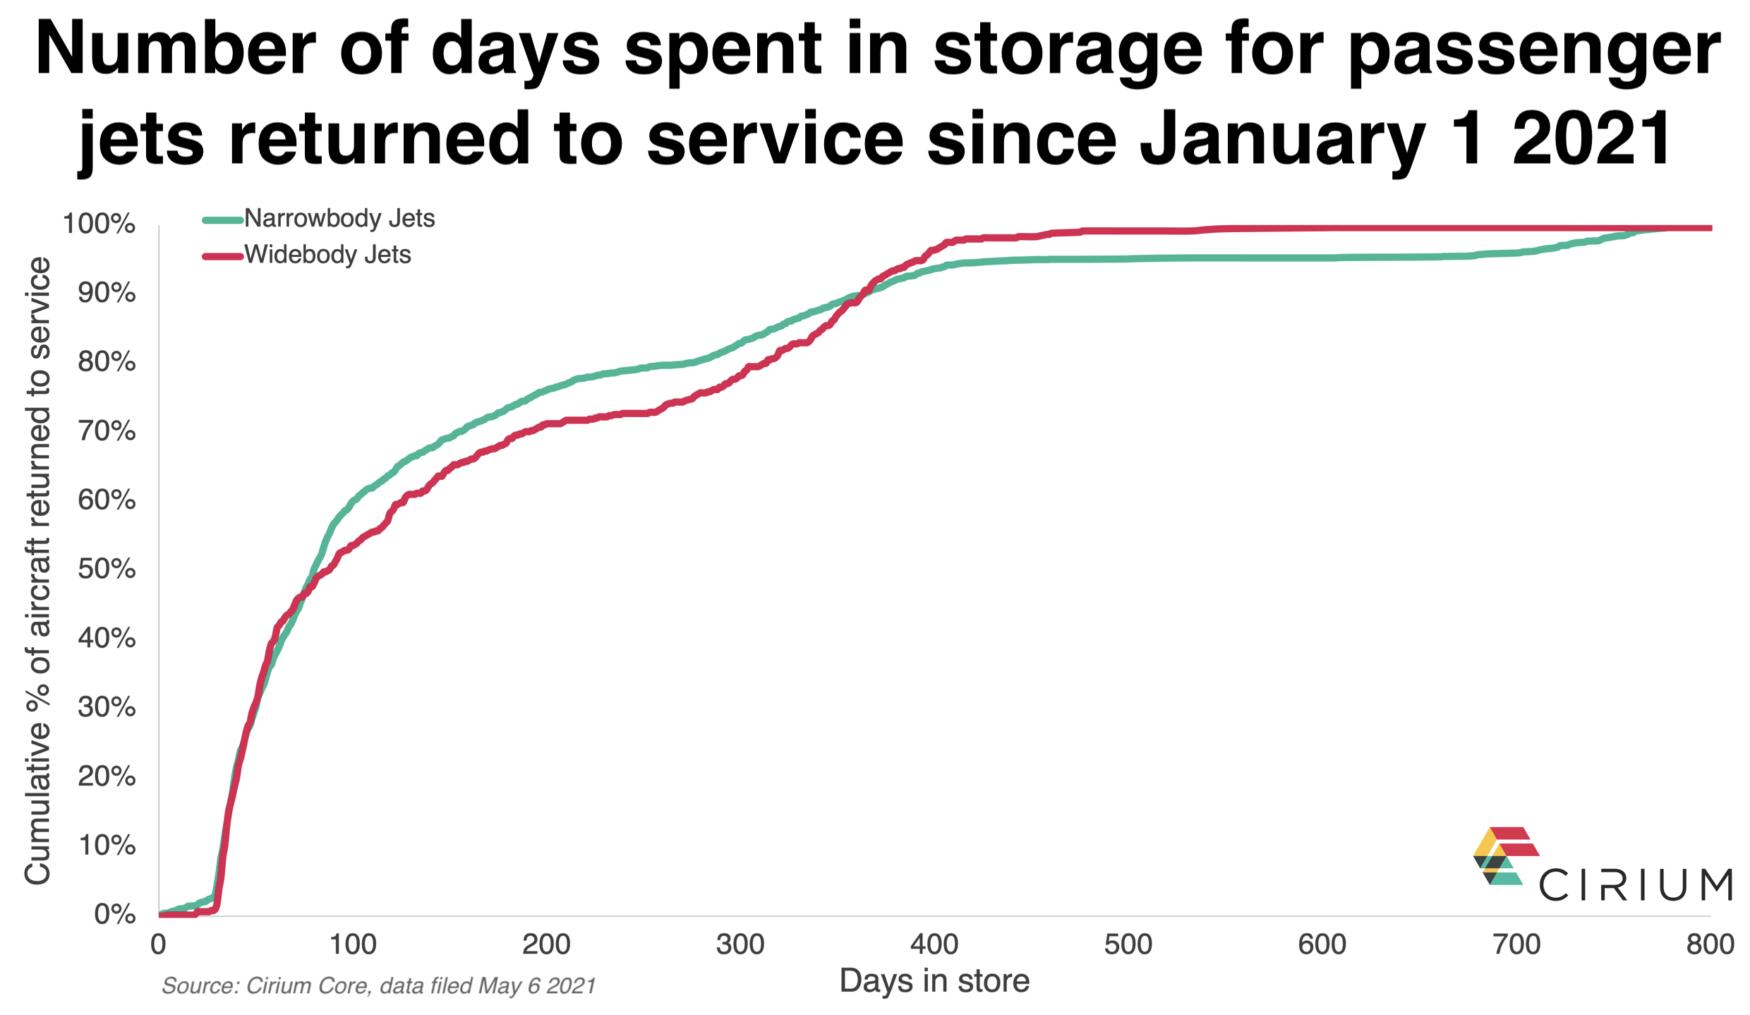 Passenger jets days in storage - Cirium